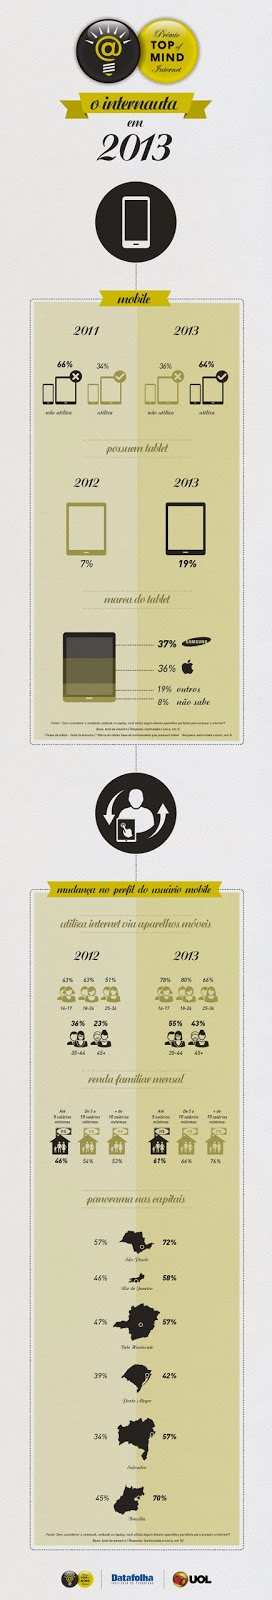 http://iabbrasil.net/portal/wp-content/uploads/2013/11/infografico-mobile-uol.jpg